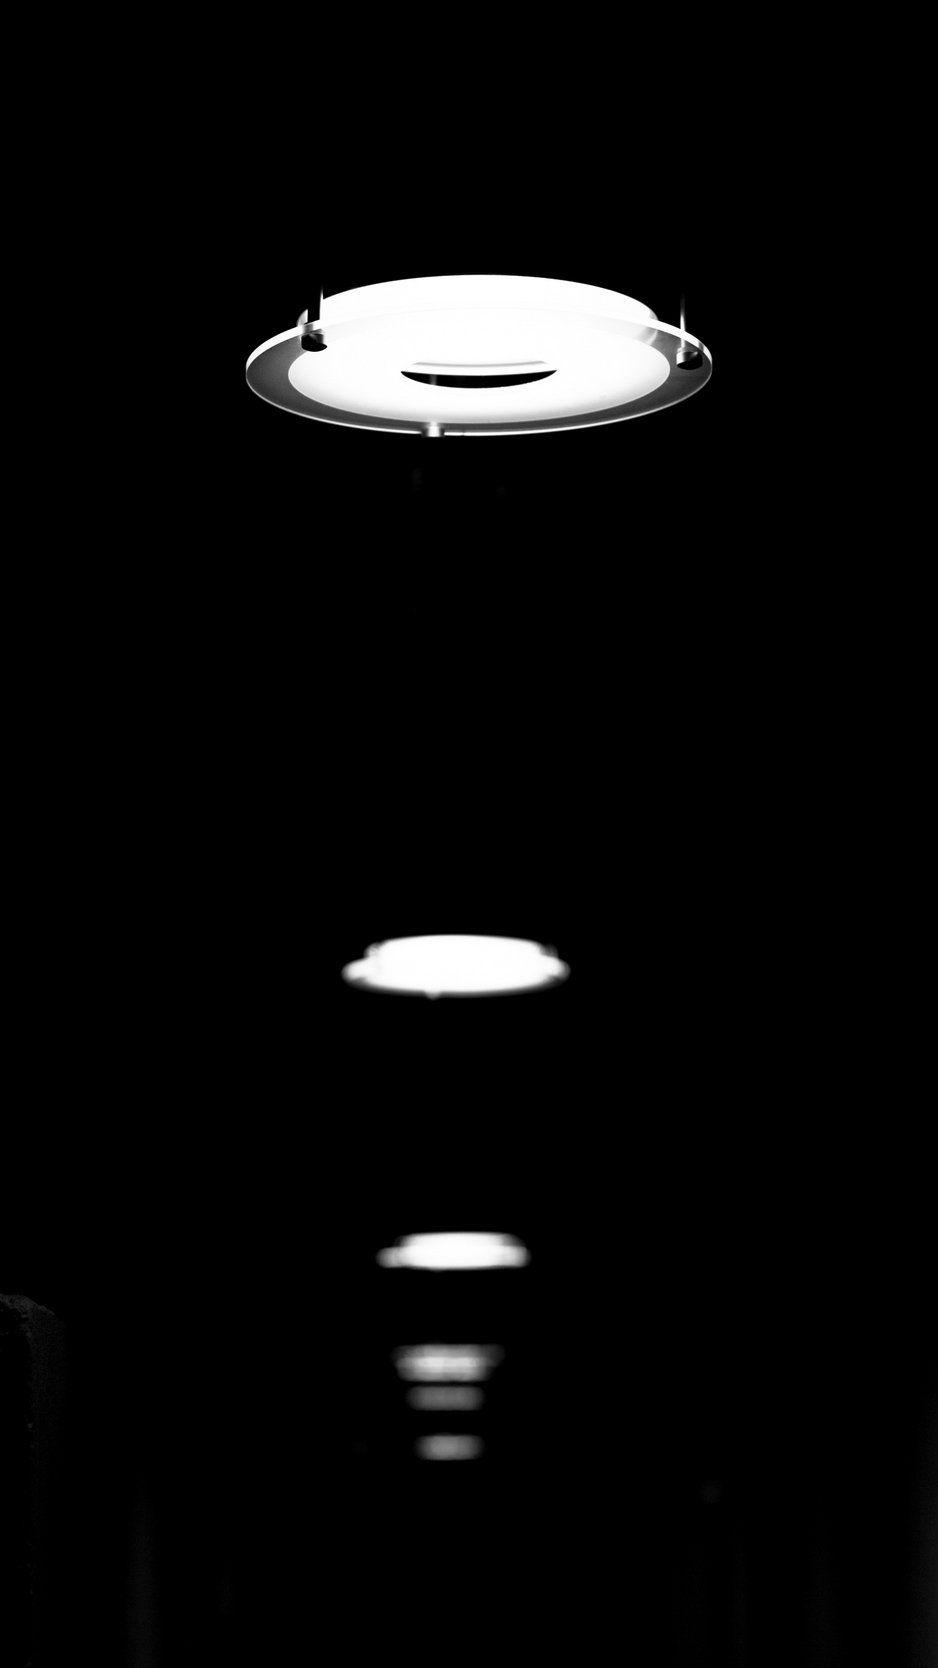 lamps_chandeliers_light_140281_938x1668.jpg